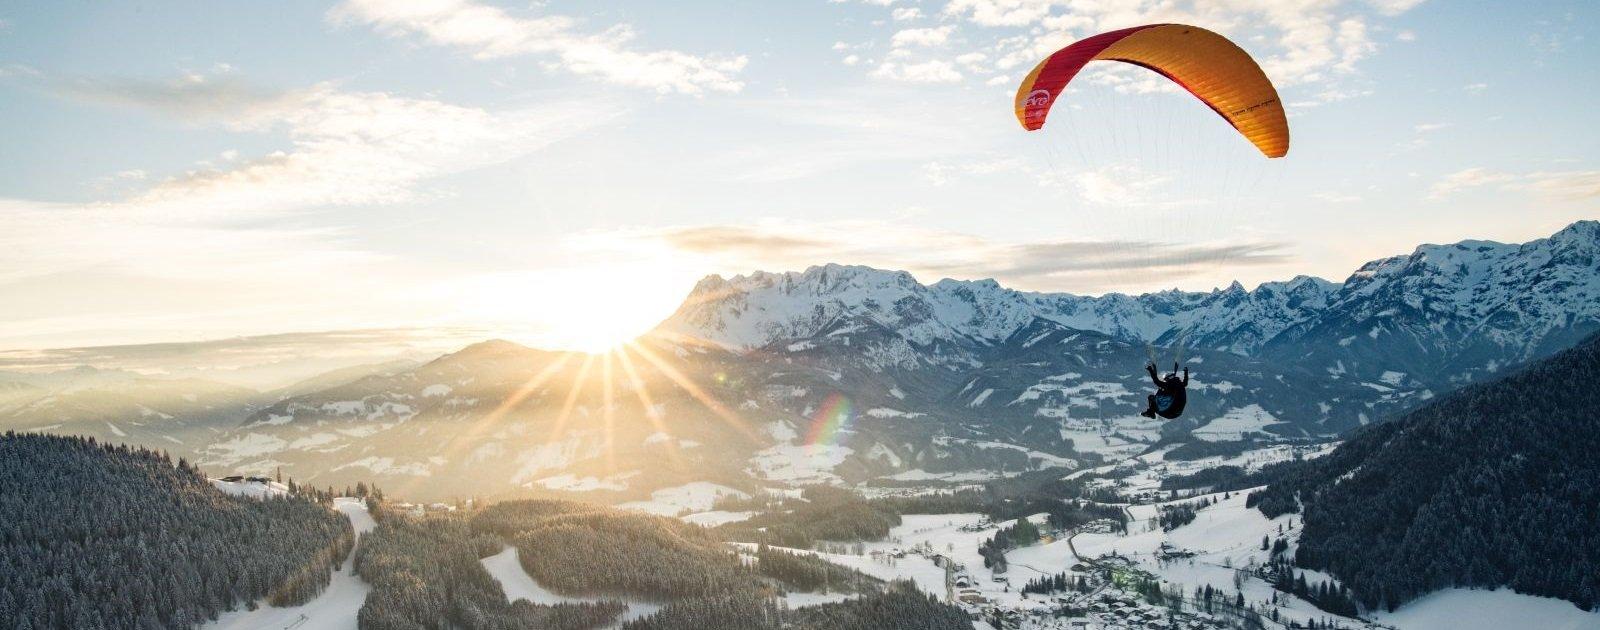 Paragliden in Werfenweng (c) Christian Schartner